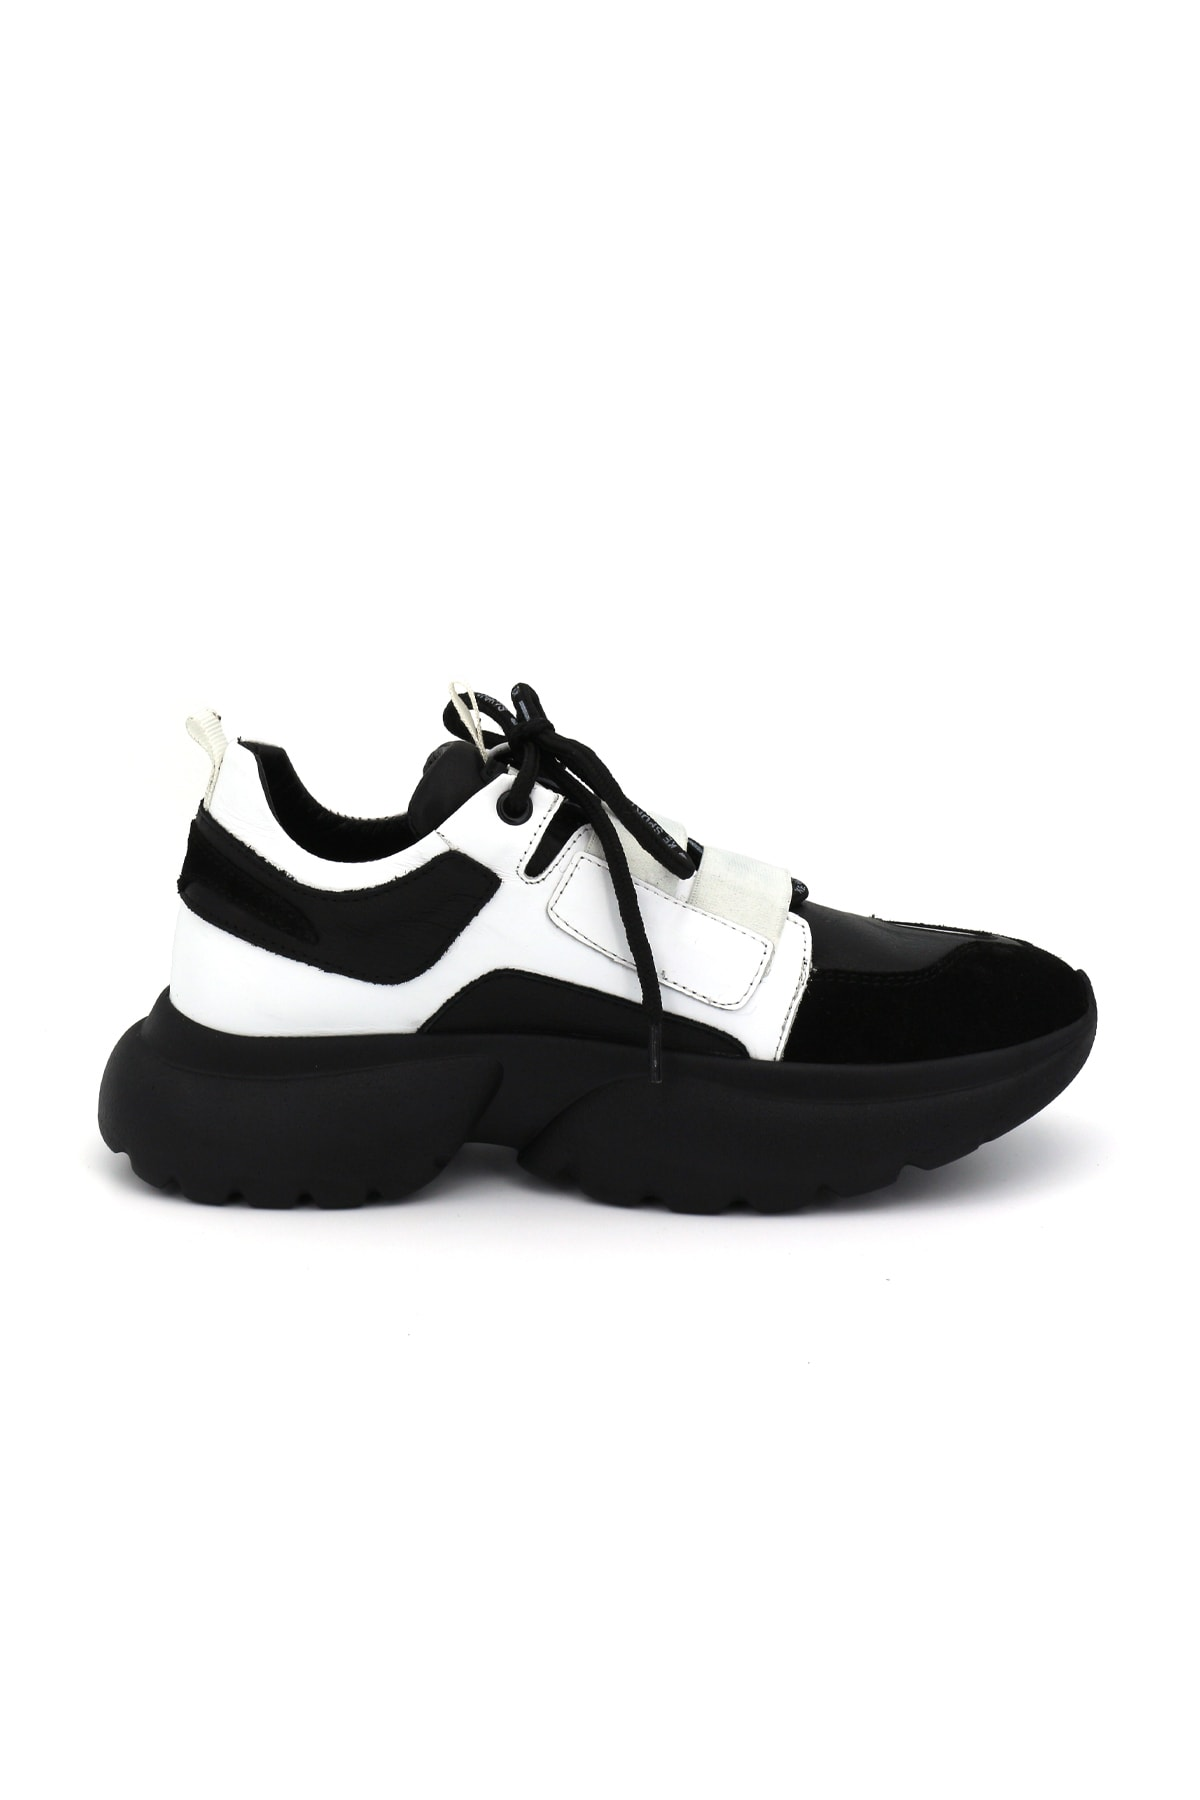 Bestello Kadın Siyah Yeşil Cırtlı Poliüretan Taban Sneaker